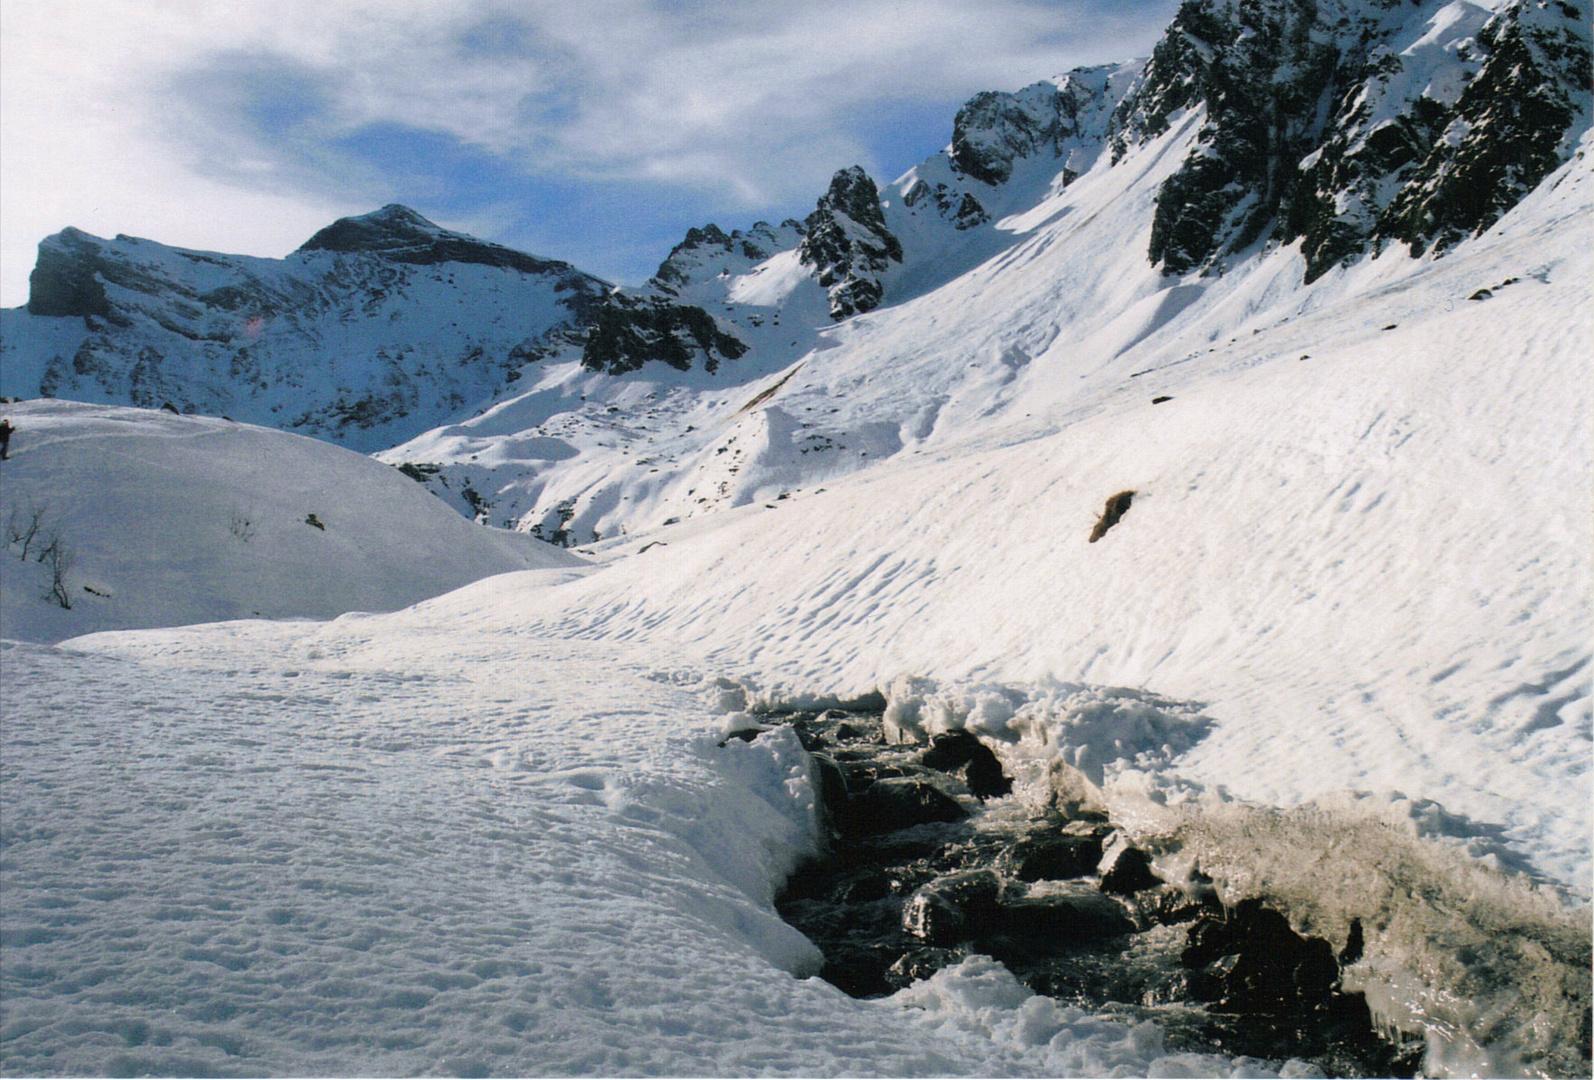 montagne enneigée au dessus de Saint Lary Soulan